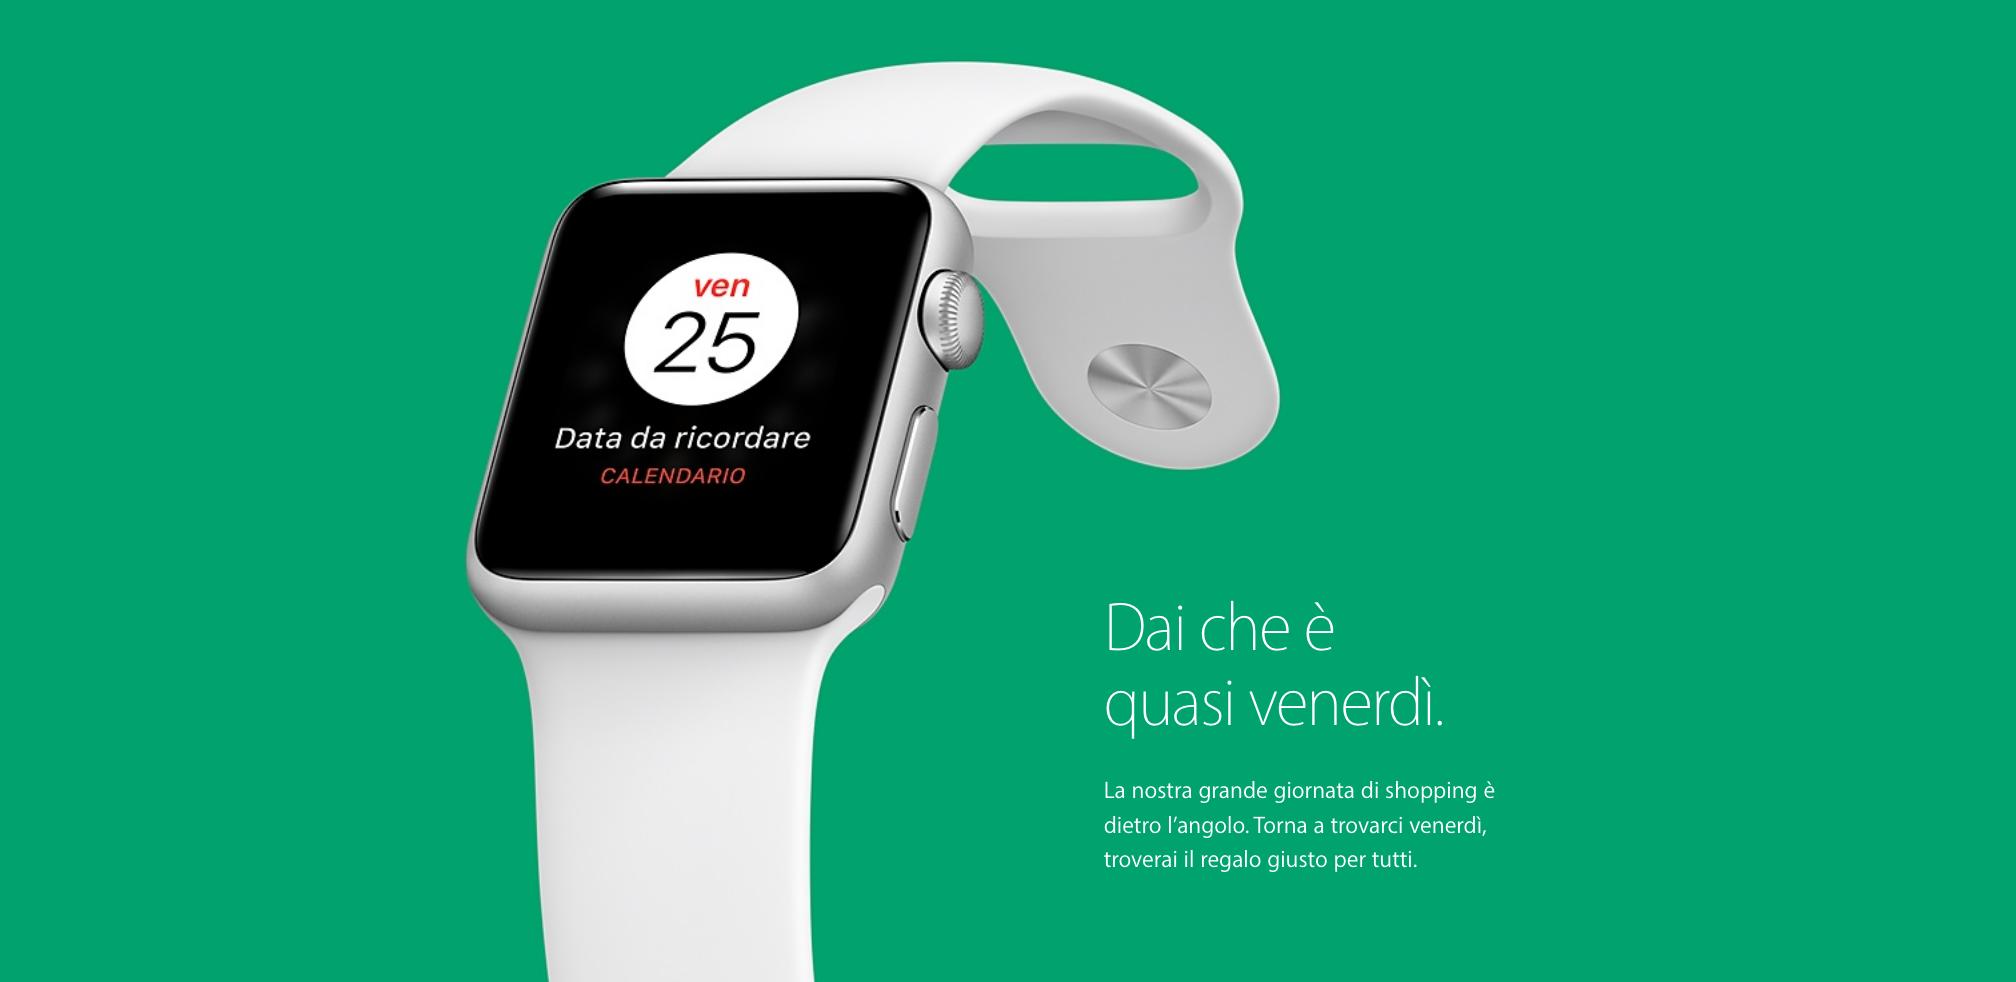 Apple: ritornano le offerte per il Black Friday del 25 novembre dopo un anno di pausa